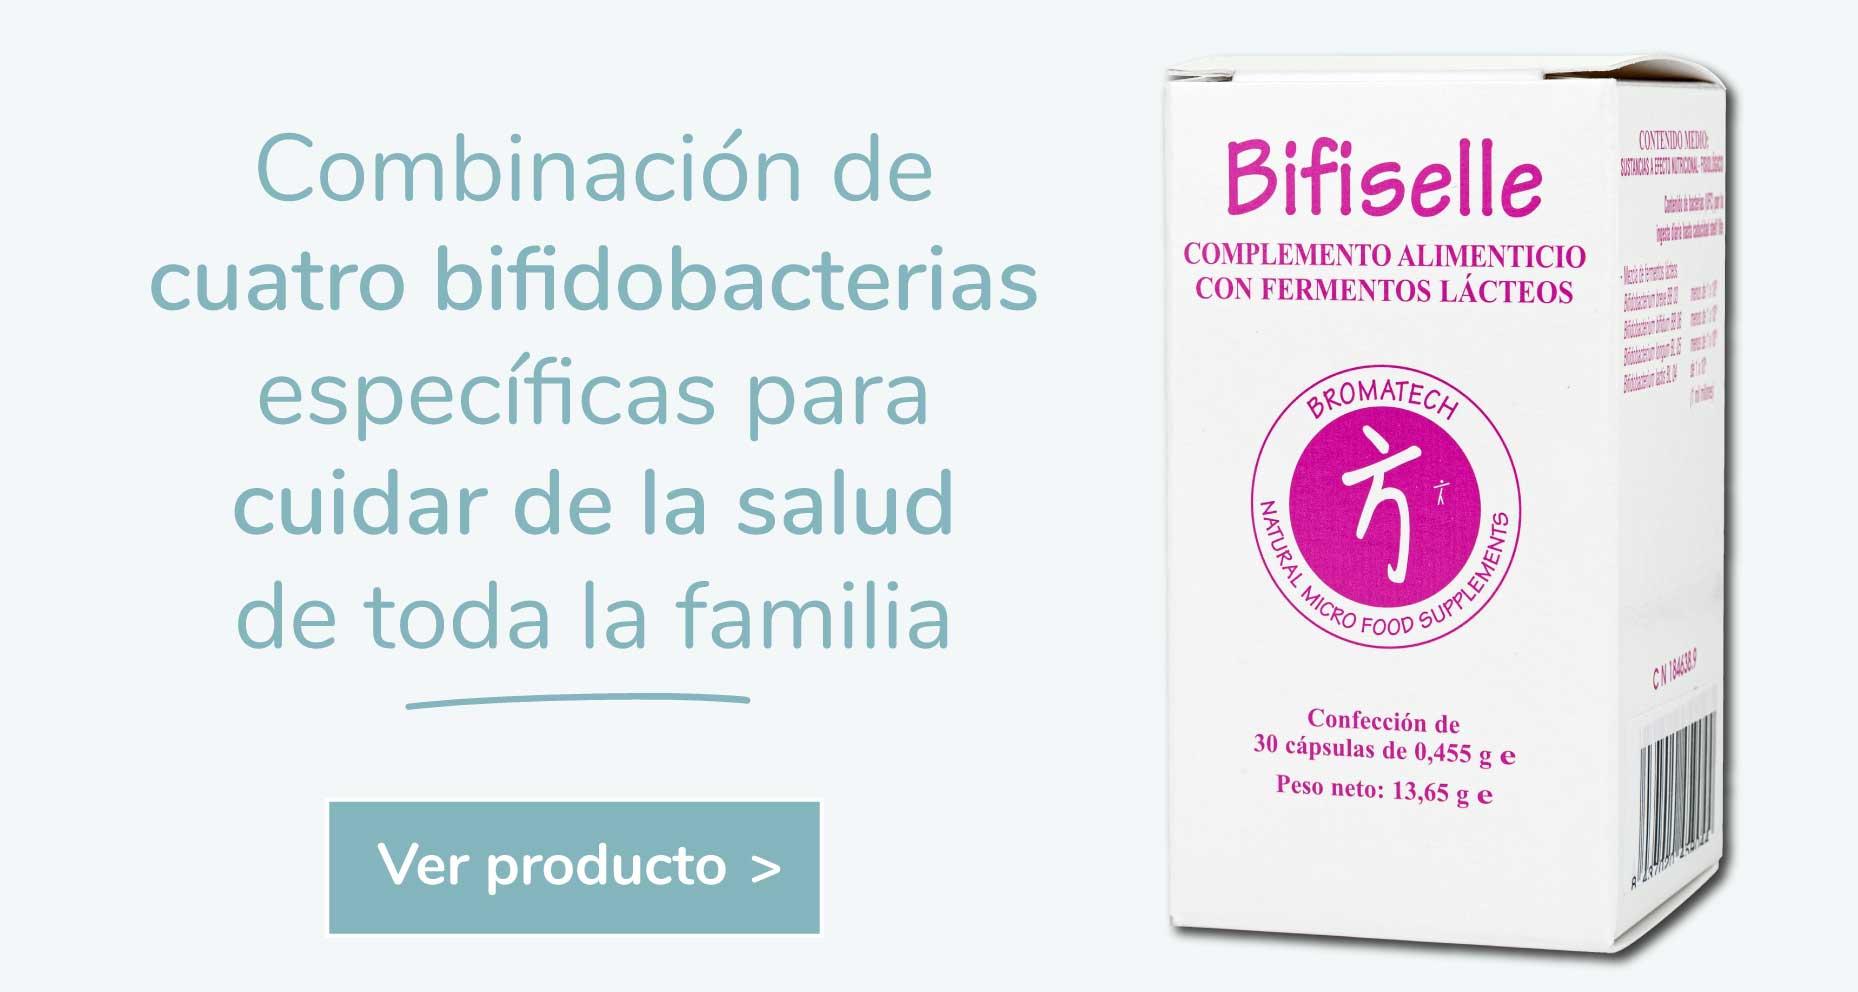 Bifiselle Nutribiótica Parkinson y Alzheimer